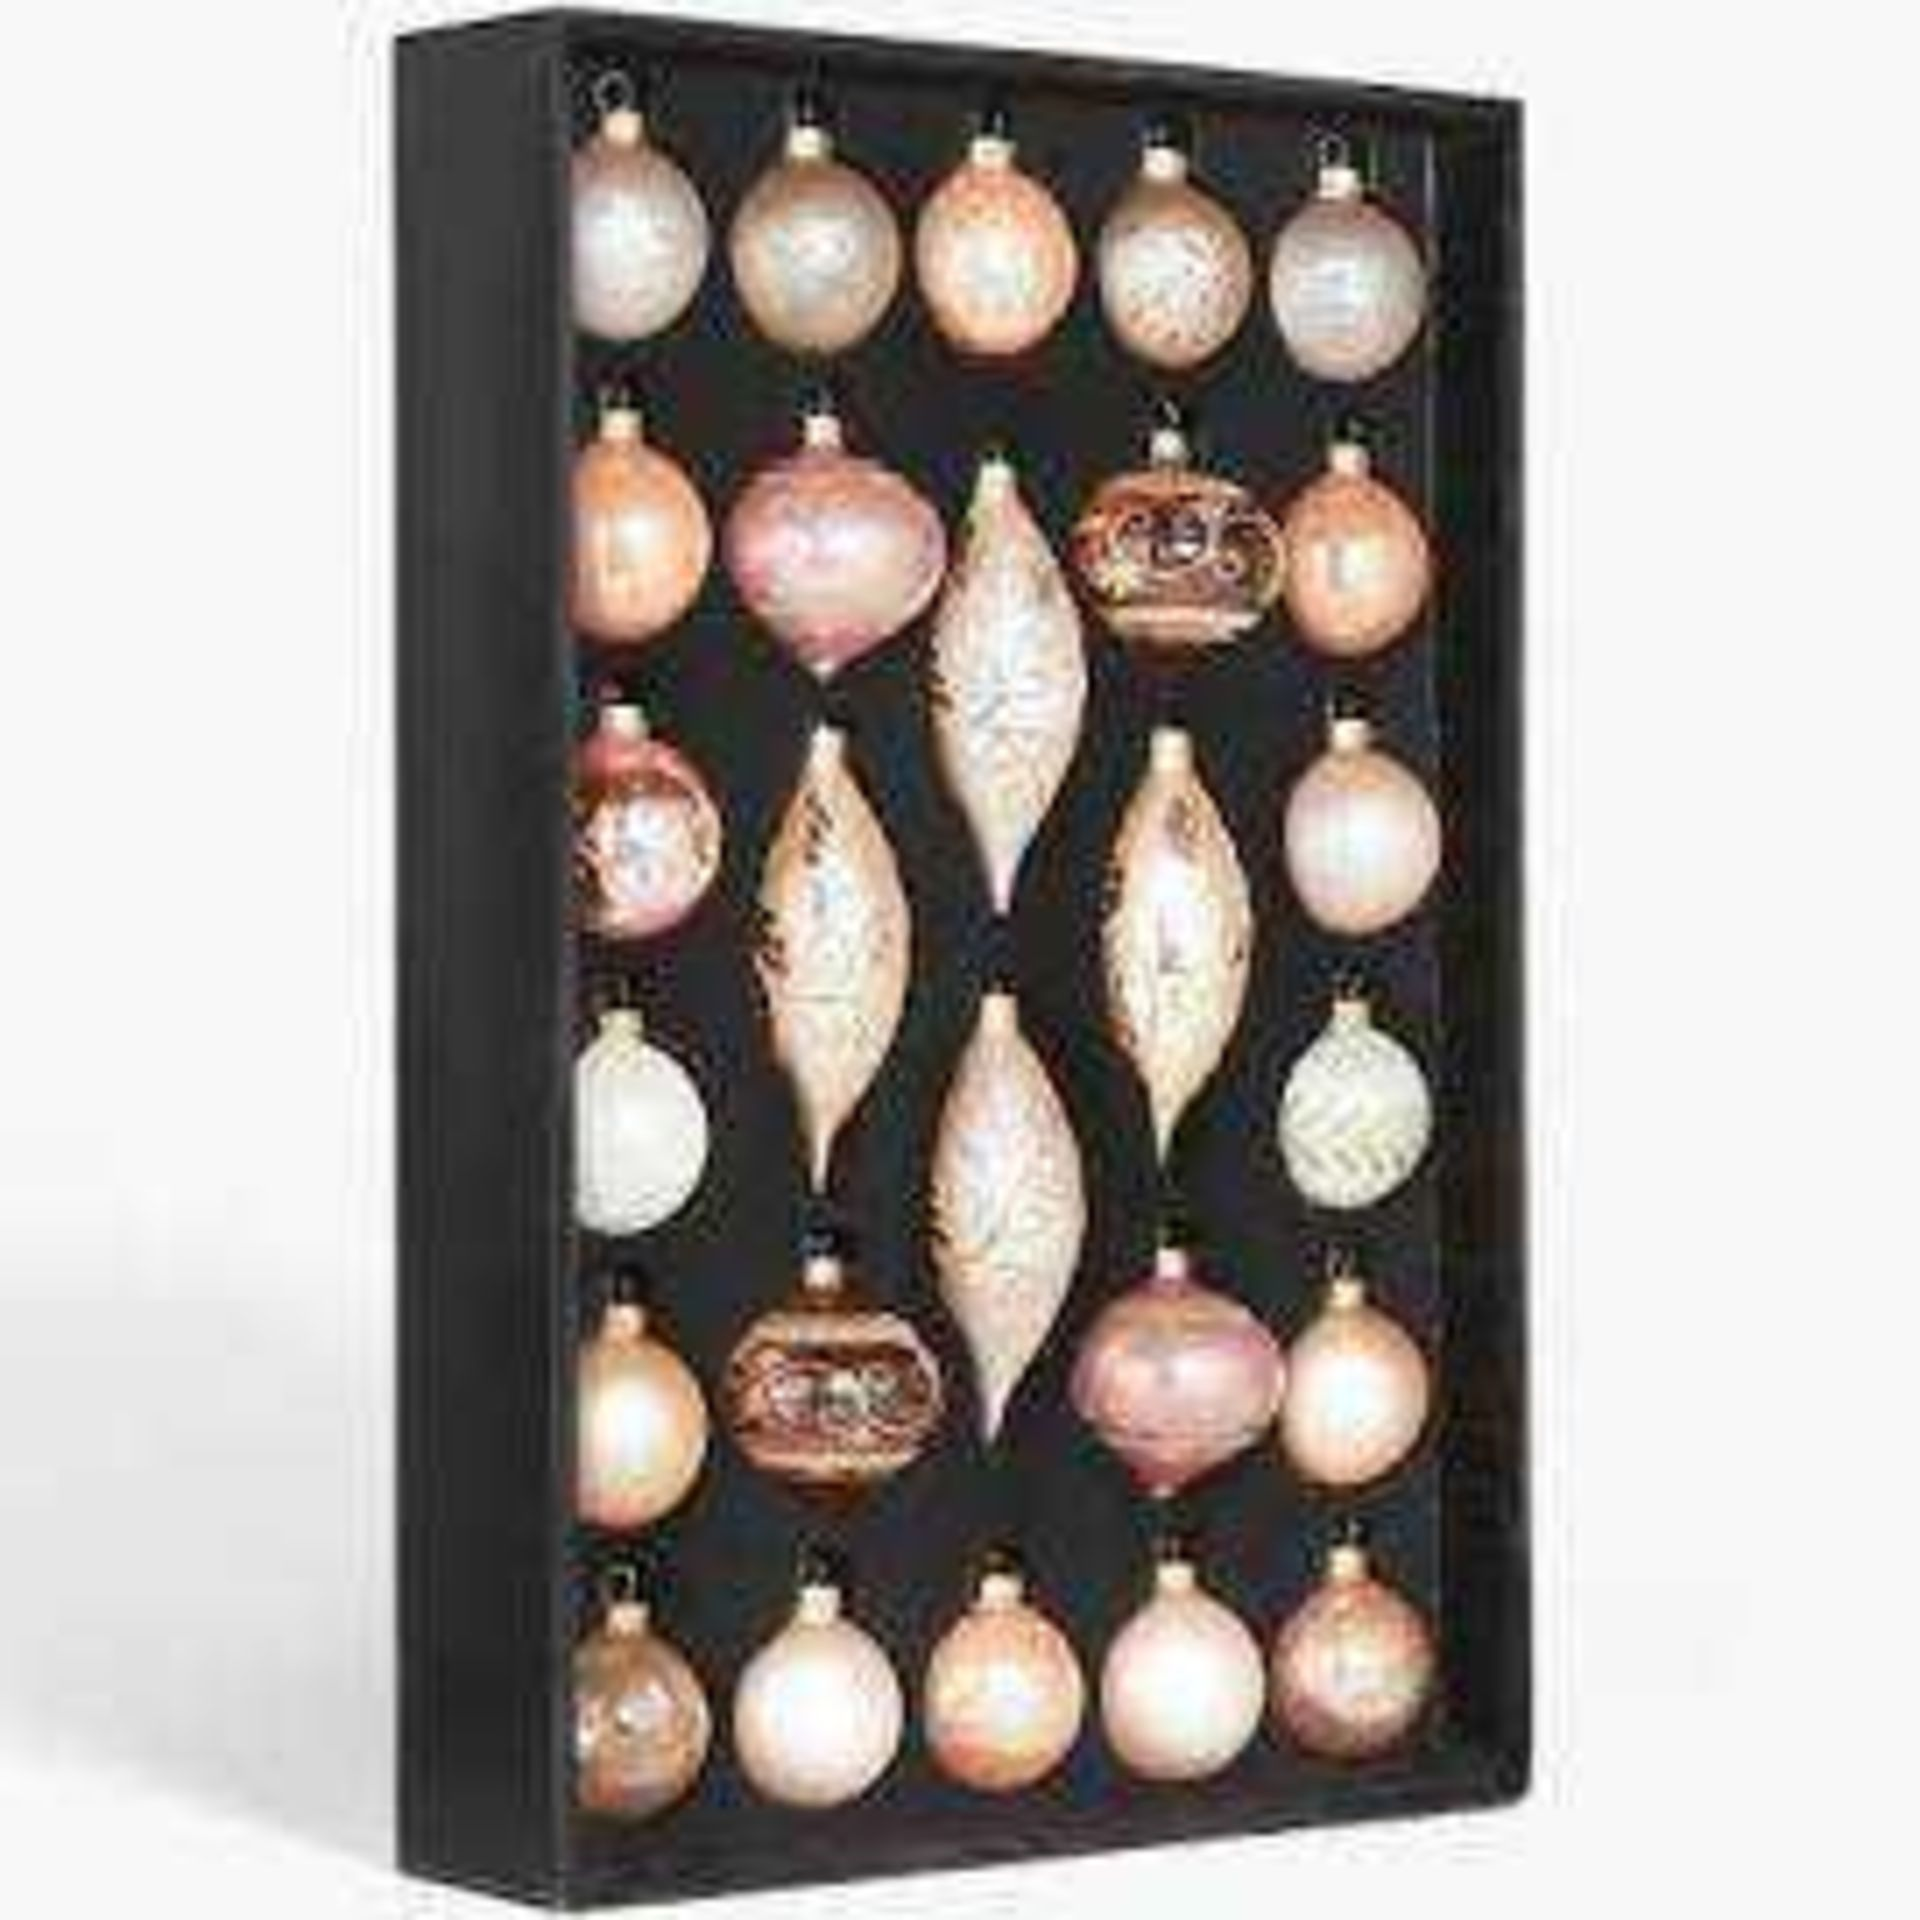 RRP £50 Boxed Renissance Baubles Set